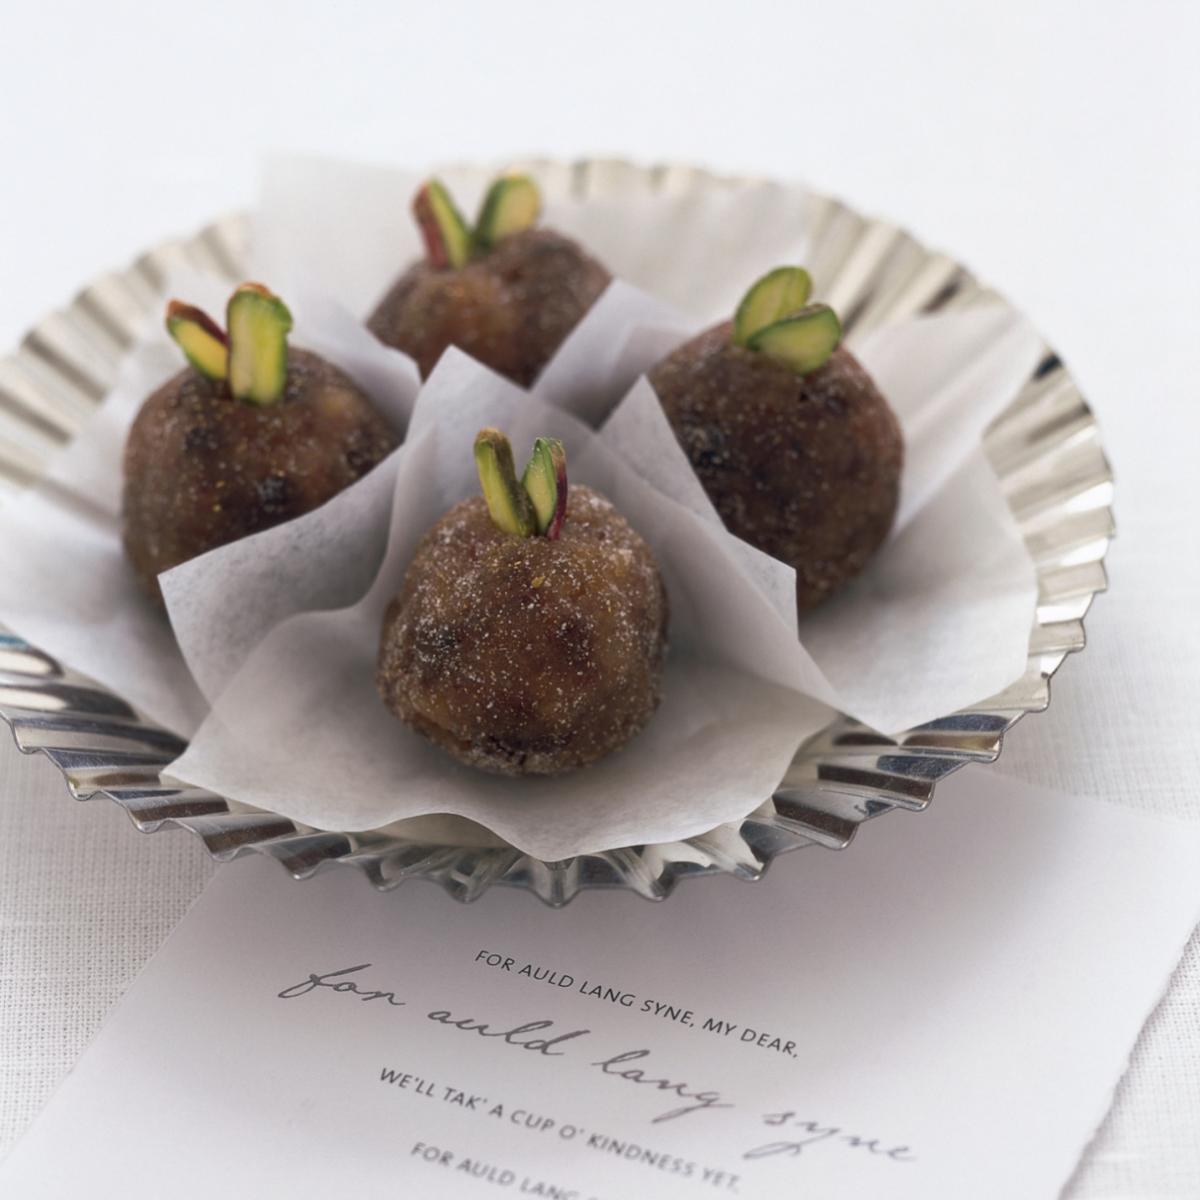 A picture of Delia's Festive Sugar Plums recipe